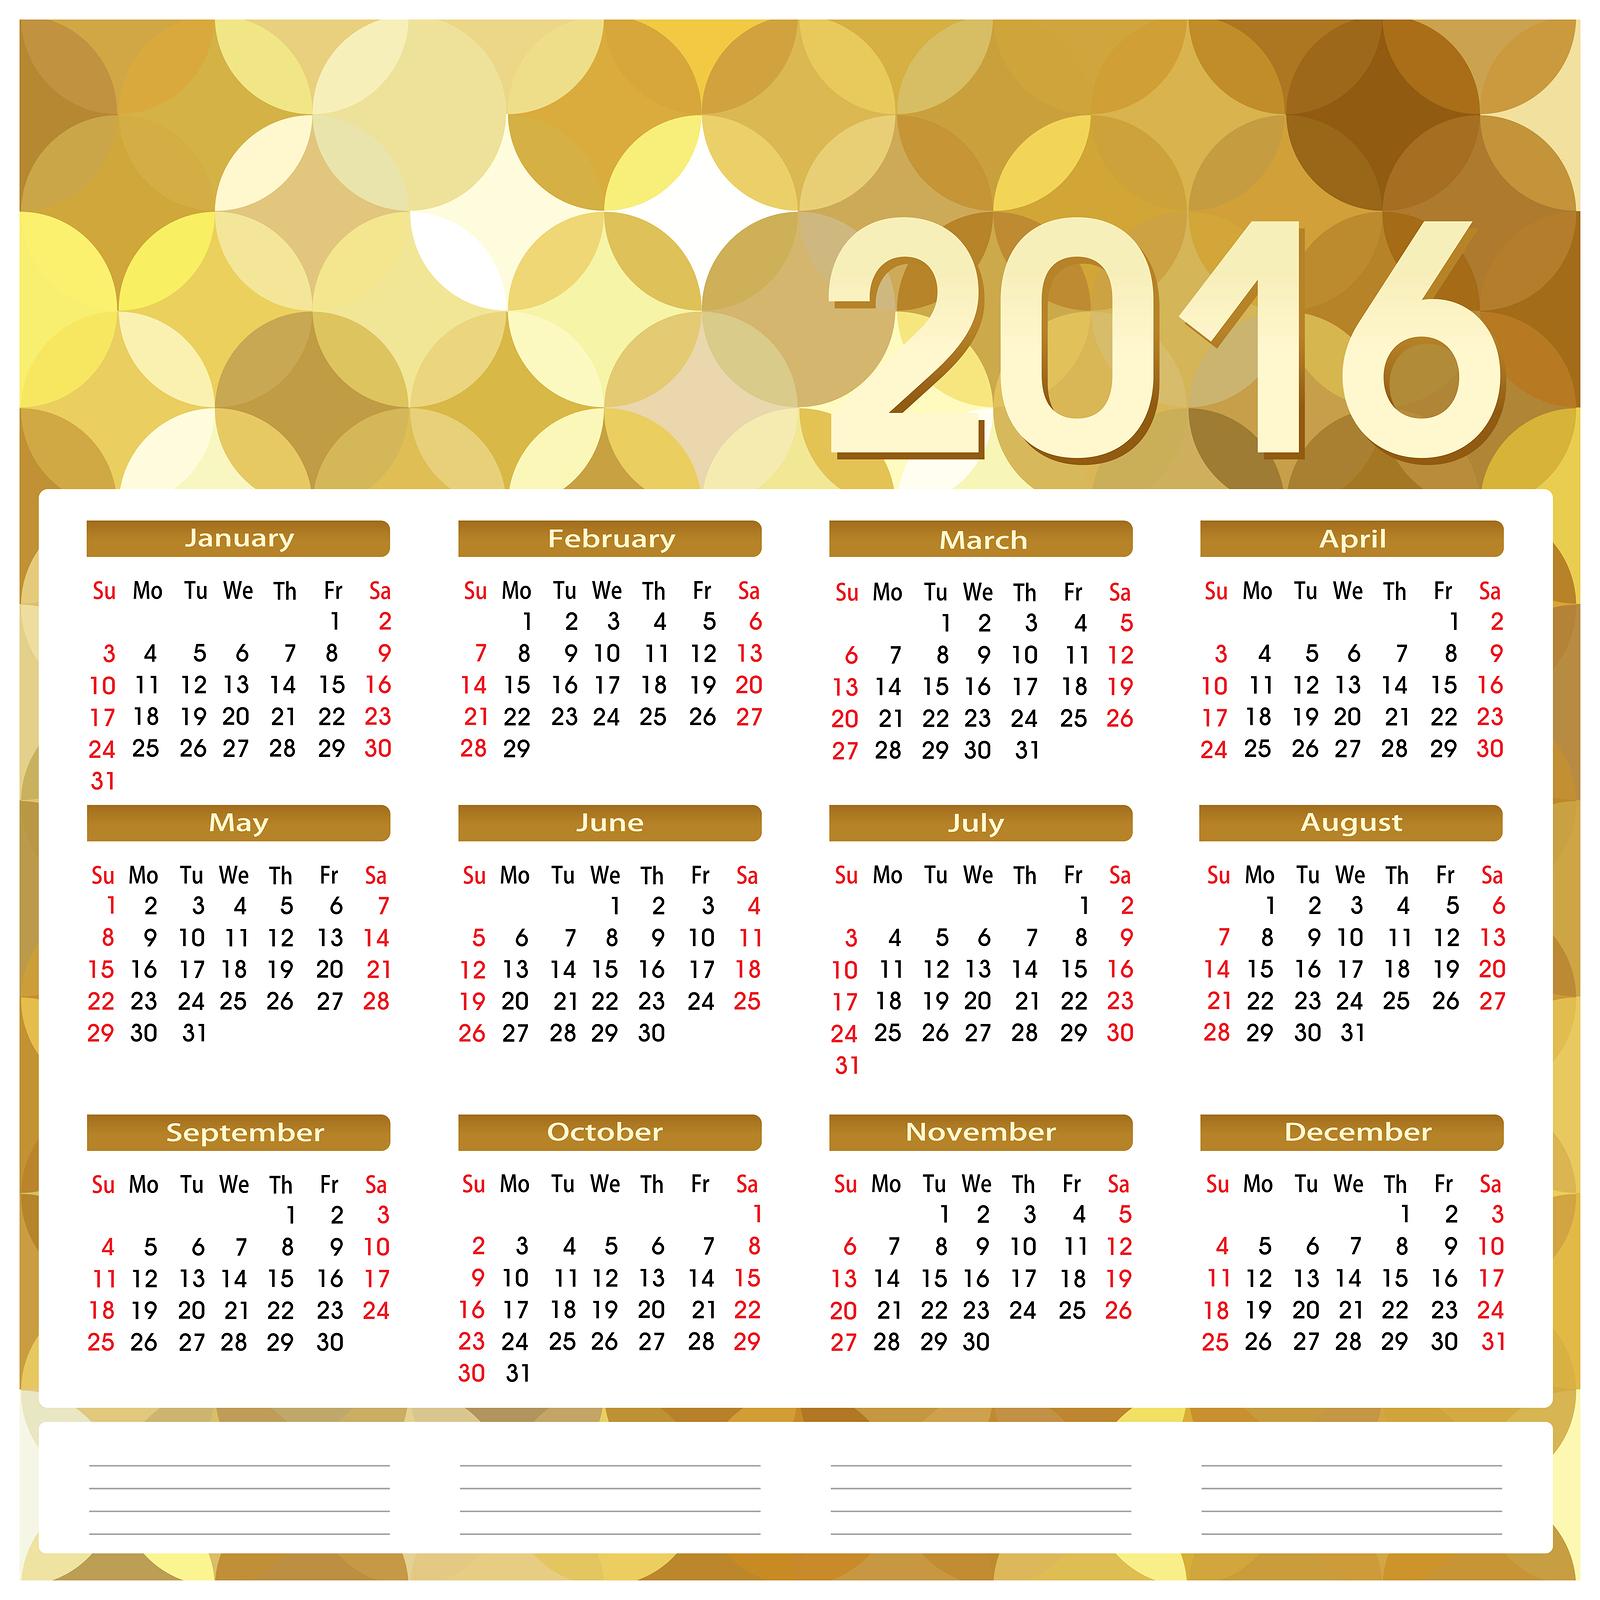 2016 Year Calendar Wallpaper Download 2016 Calendar by Month 1600x1600